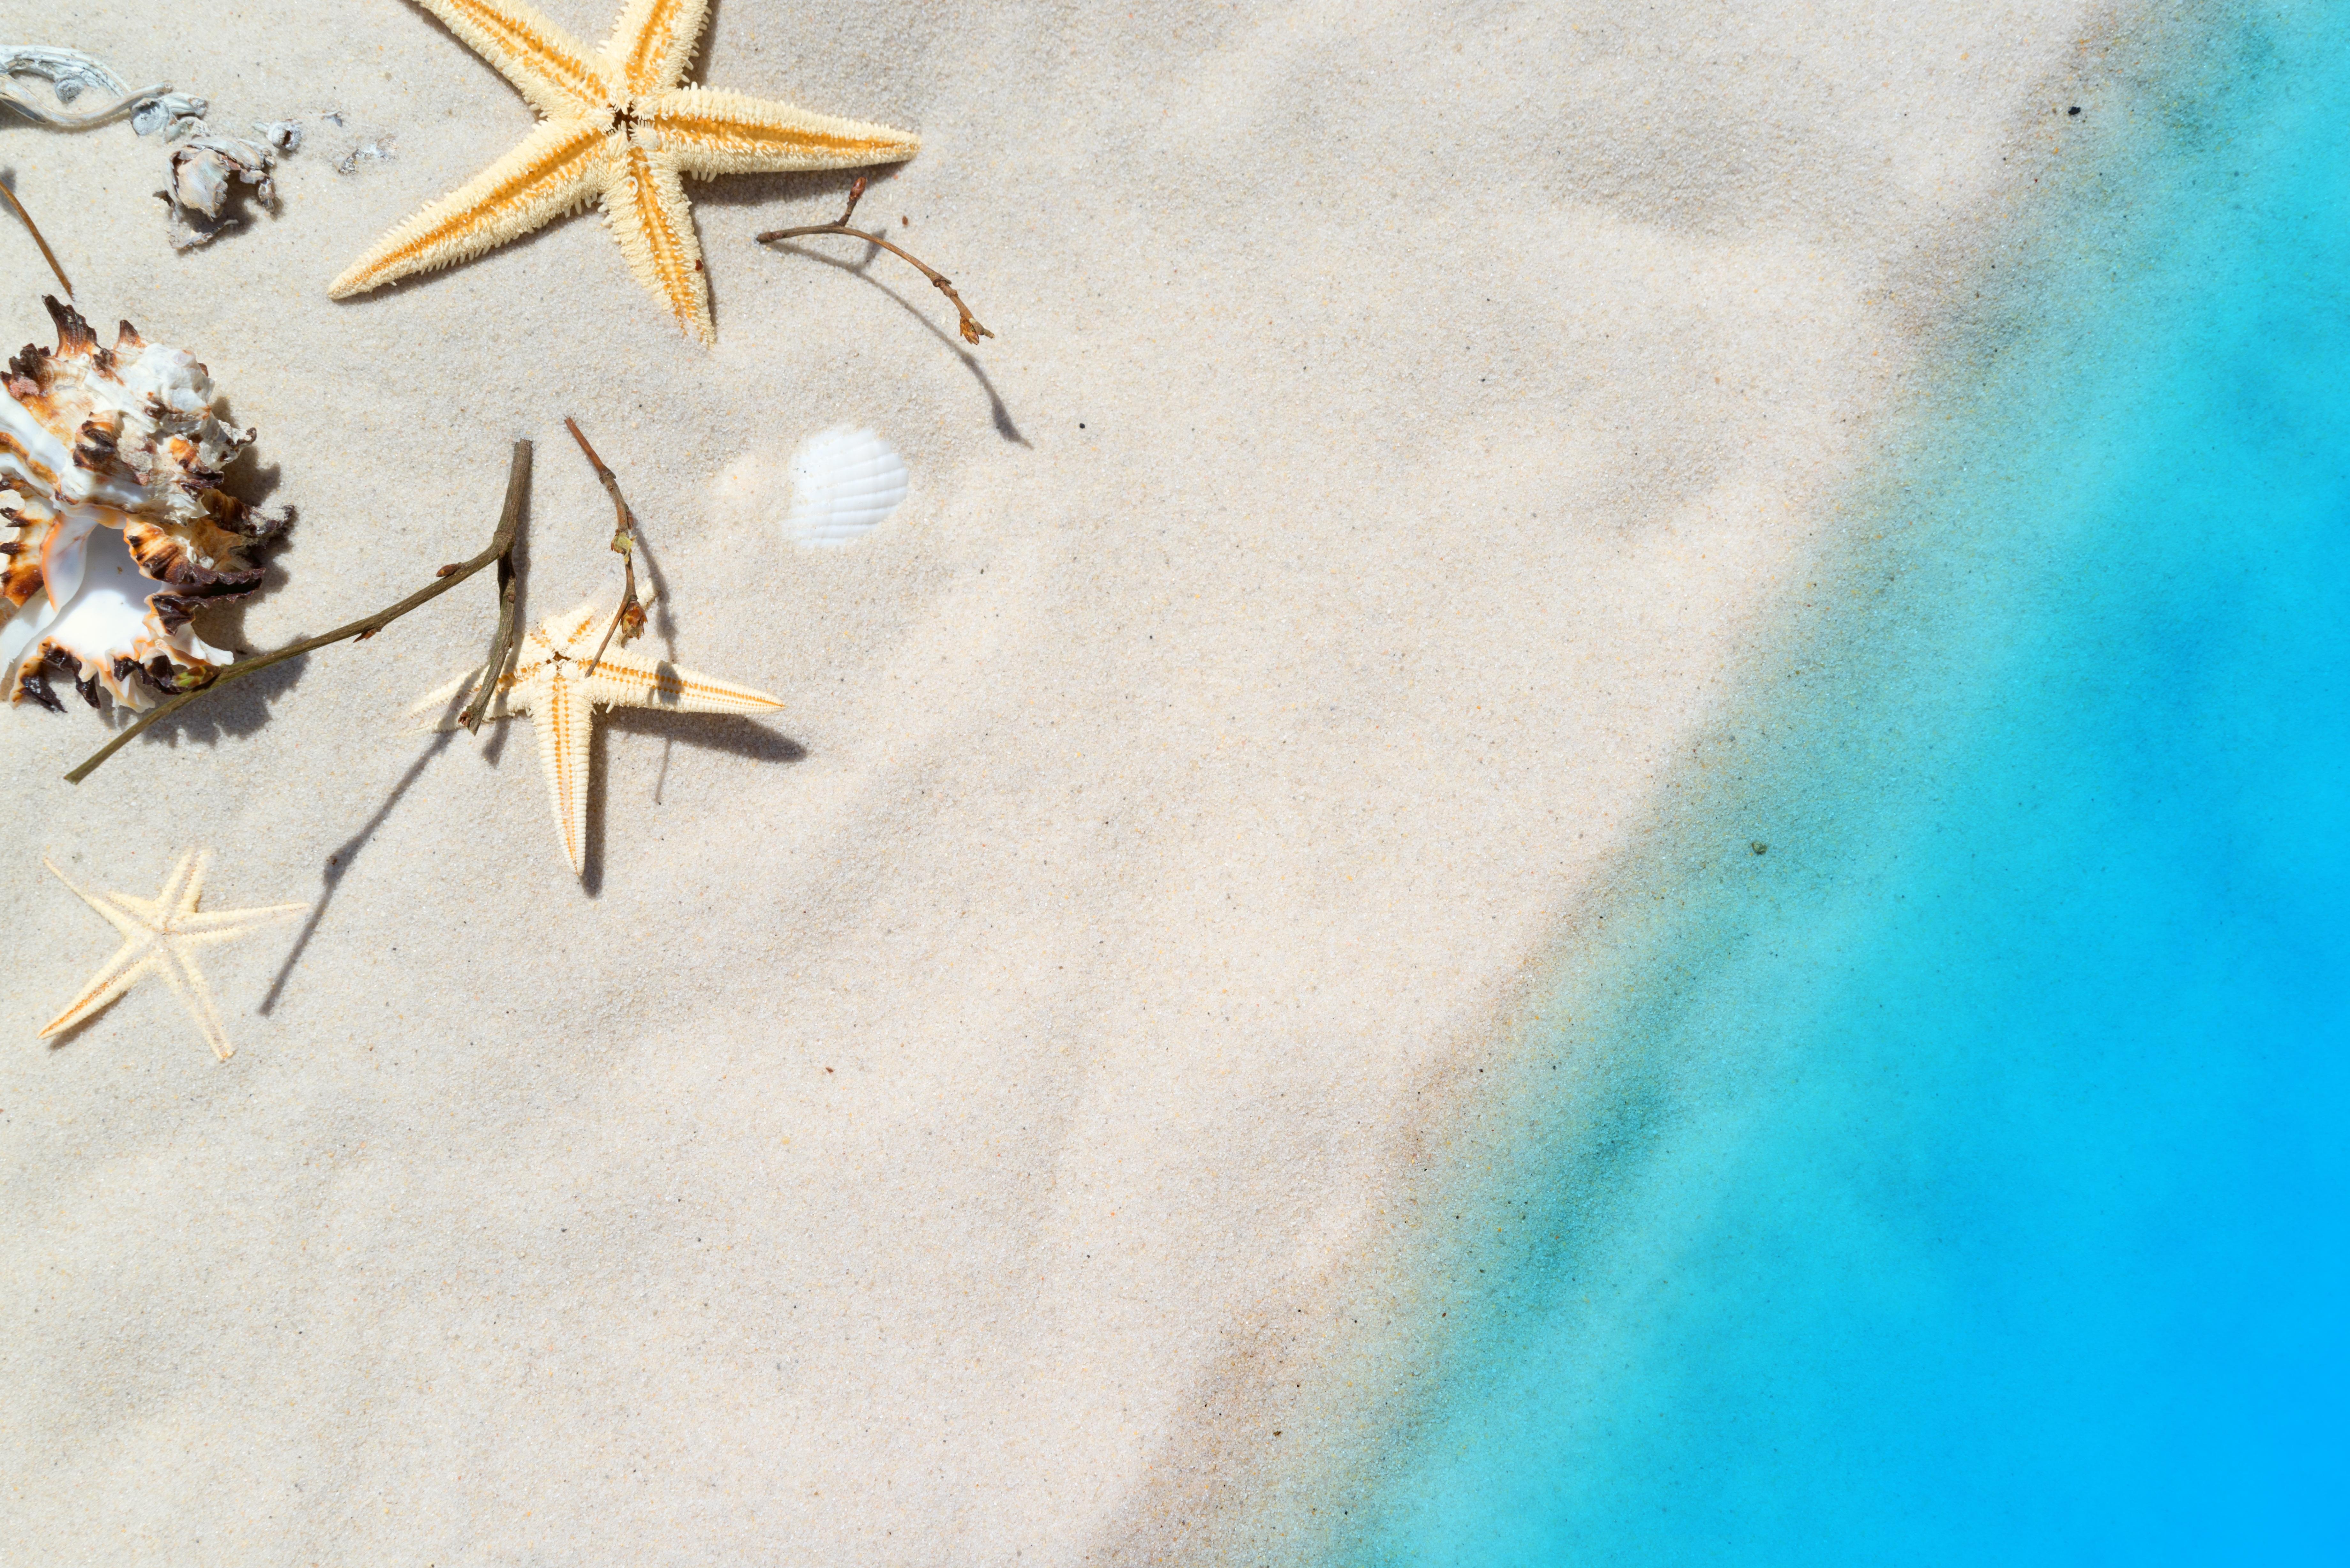 Где найти 15 дней на отпуск и свой проект, не увольняясь с работы